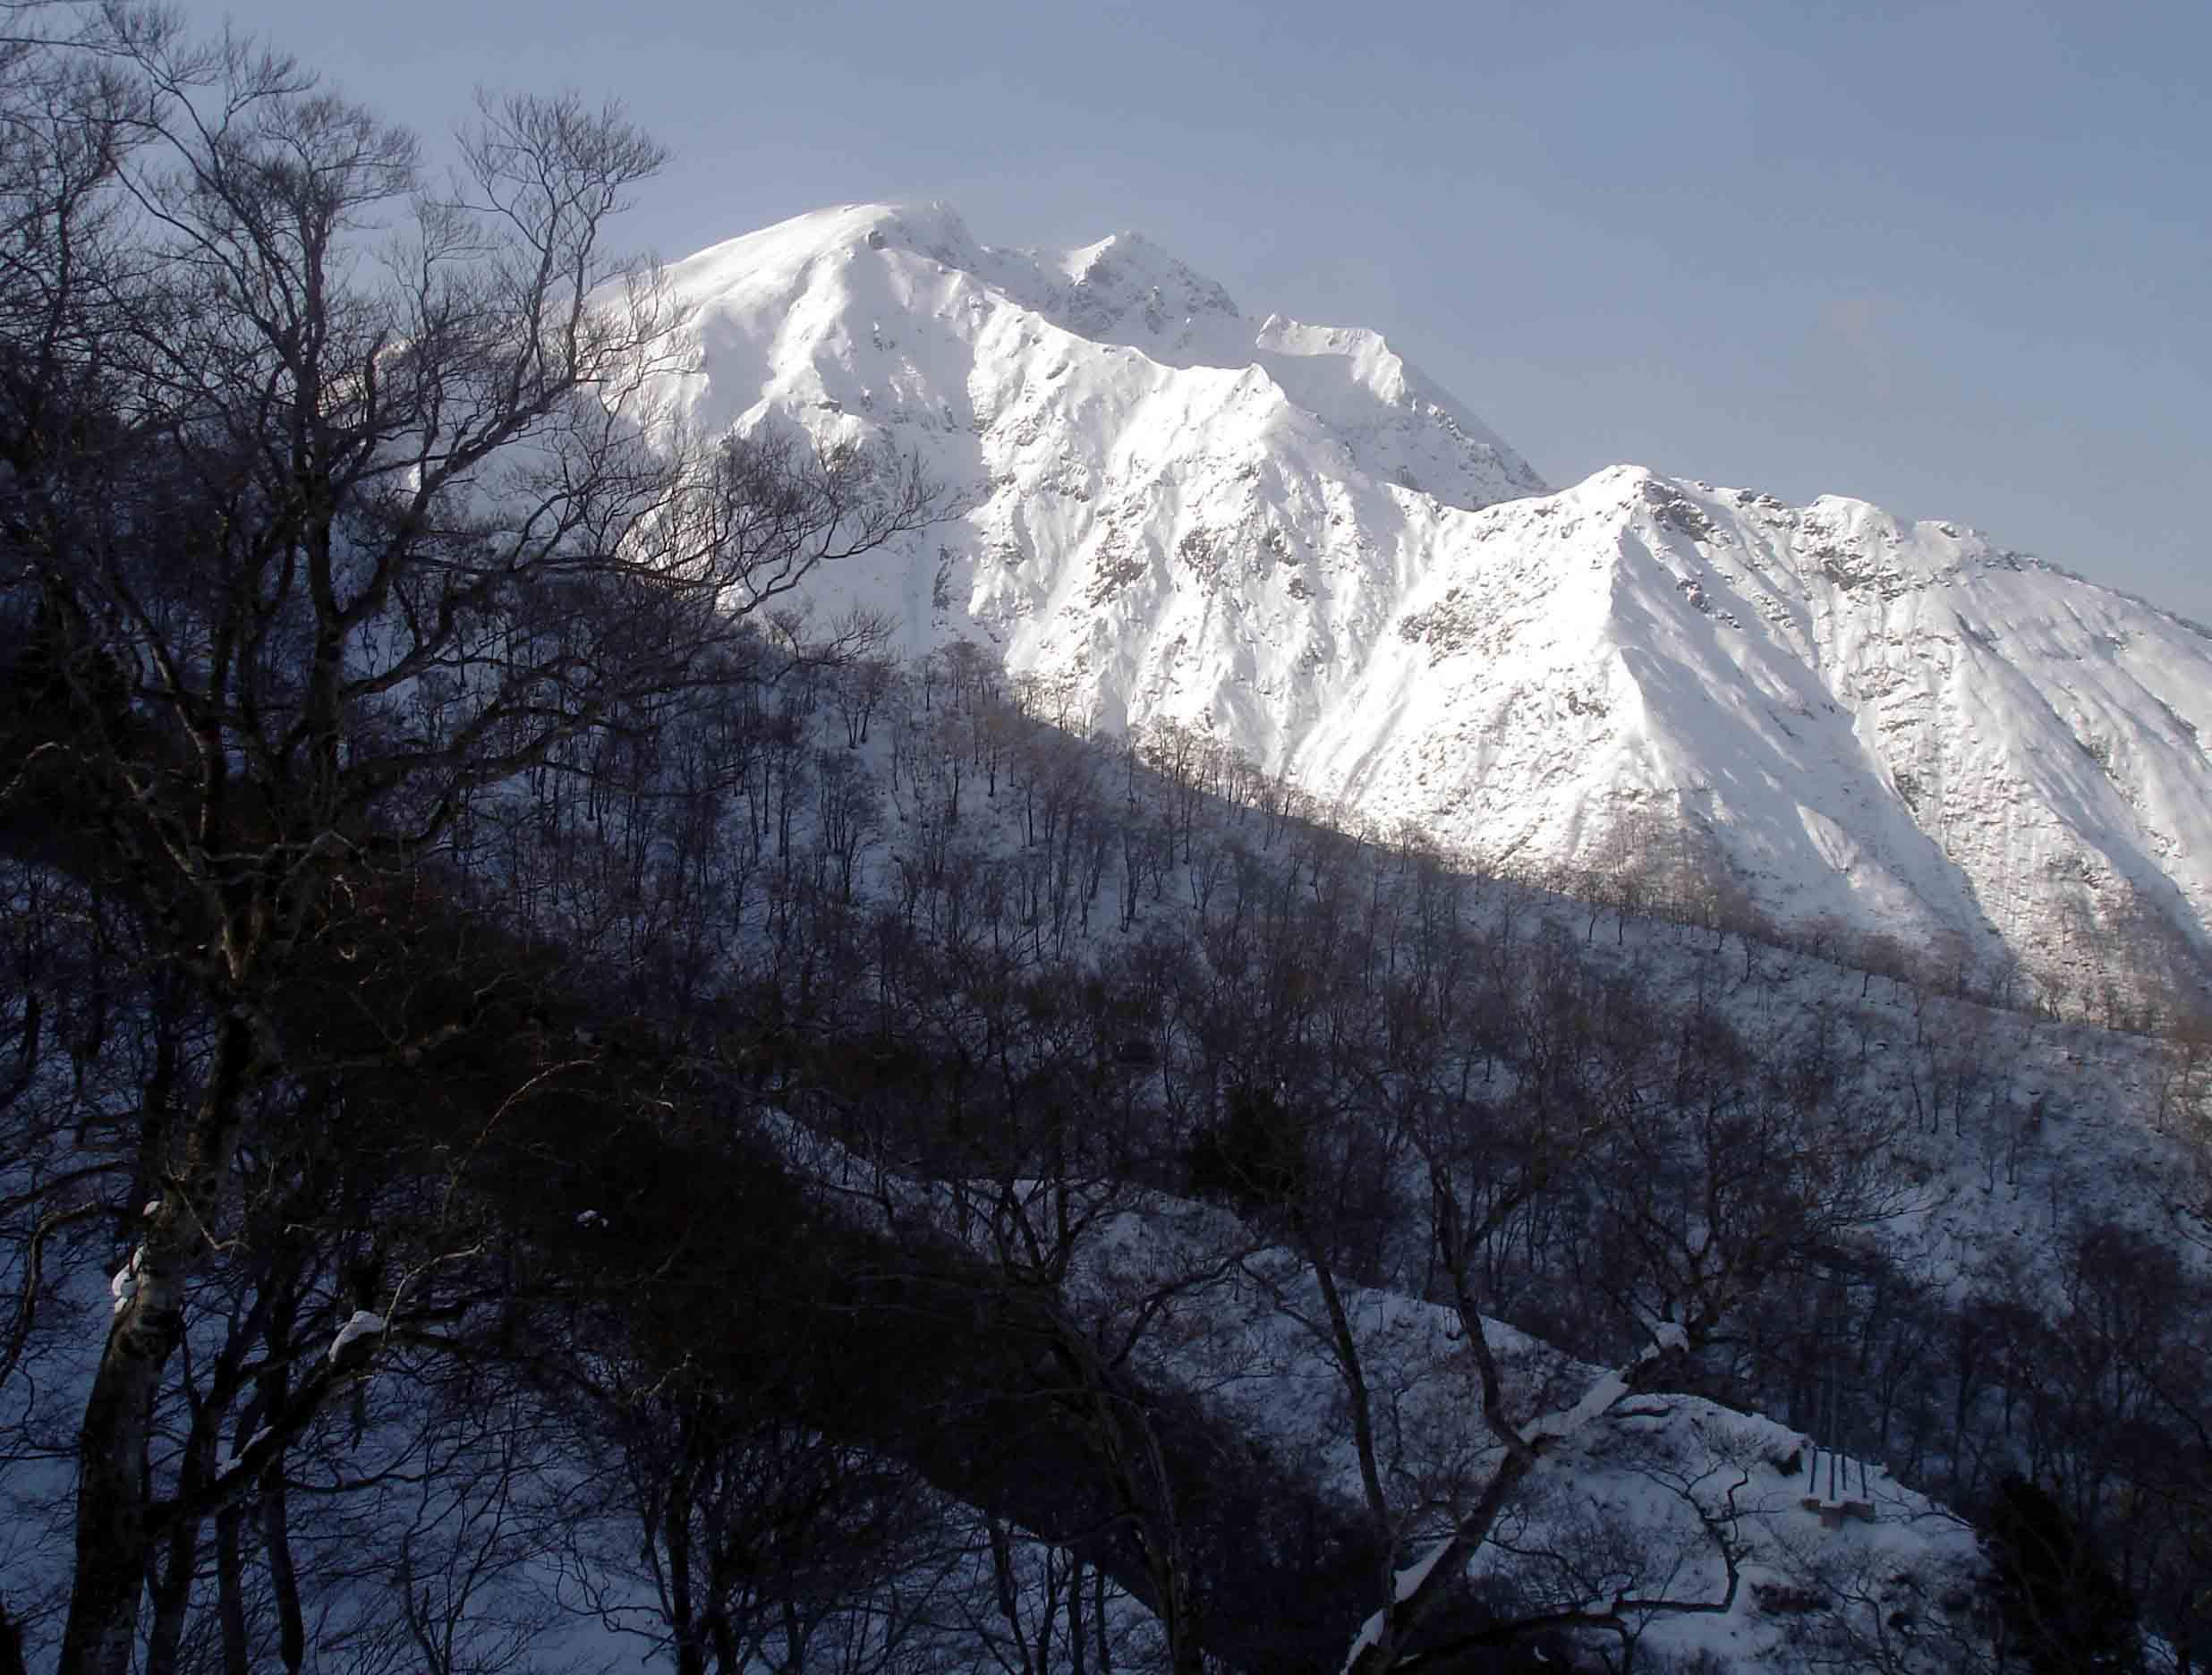 田尻沢ルートから谷川岳